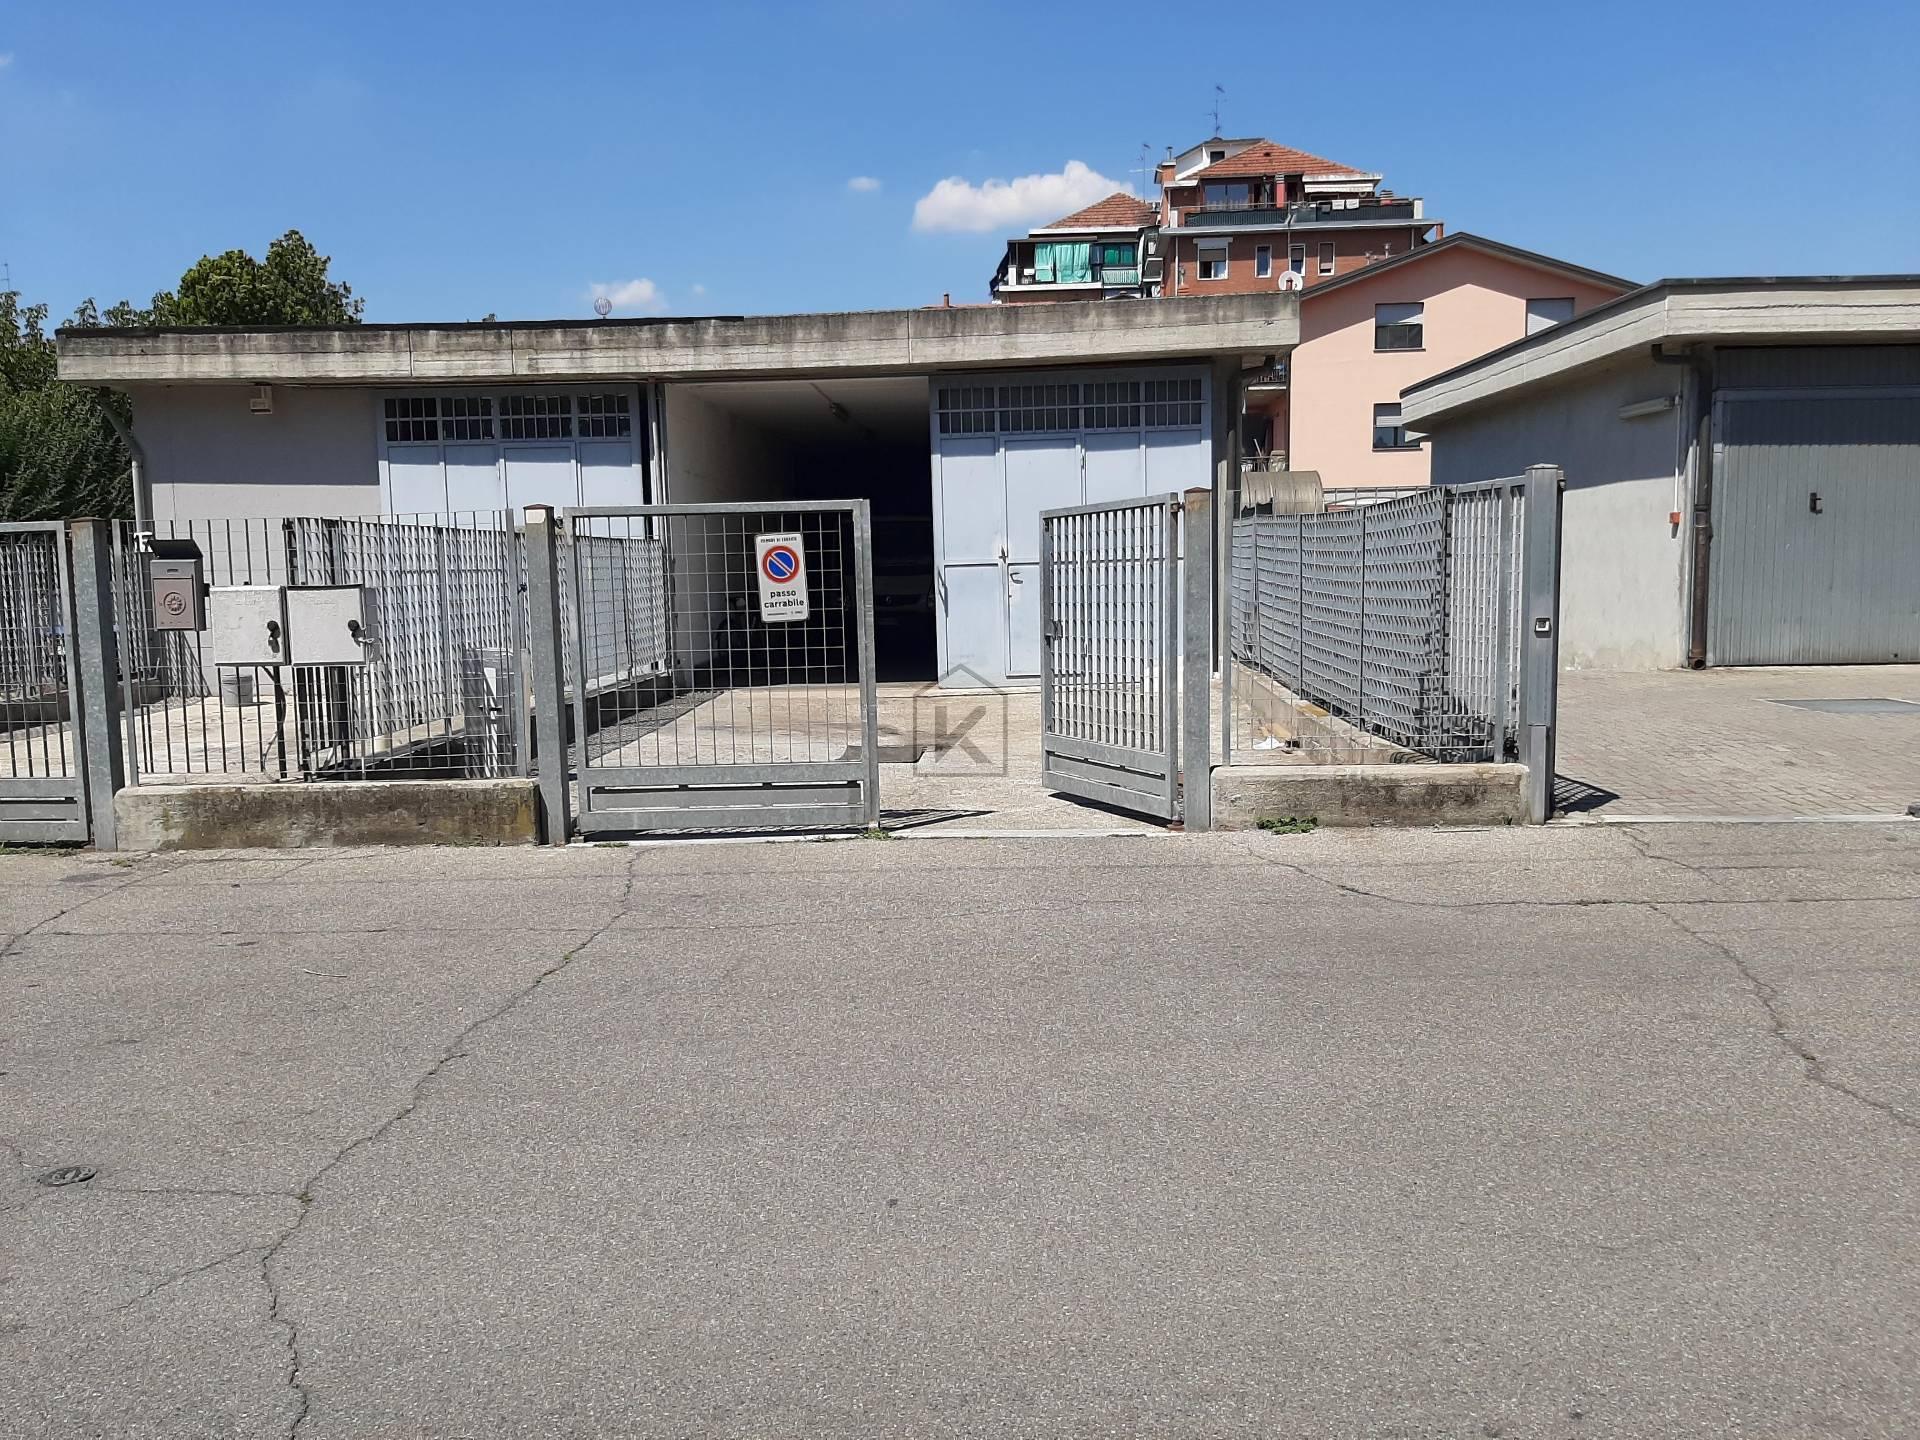 Magazzino in Vendita a Segrate: 1 locali, 100 mq